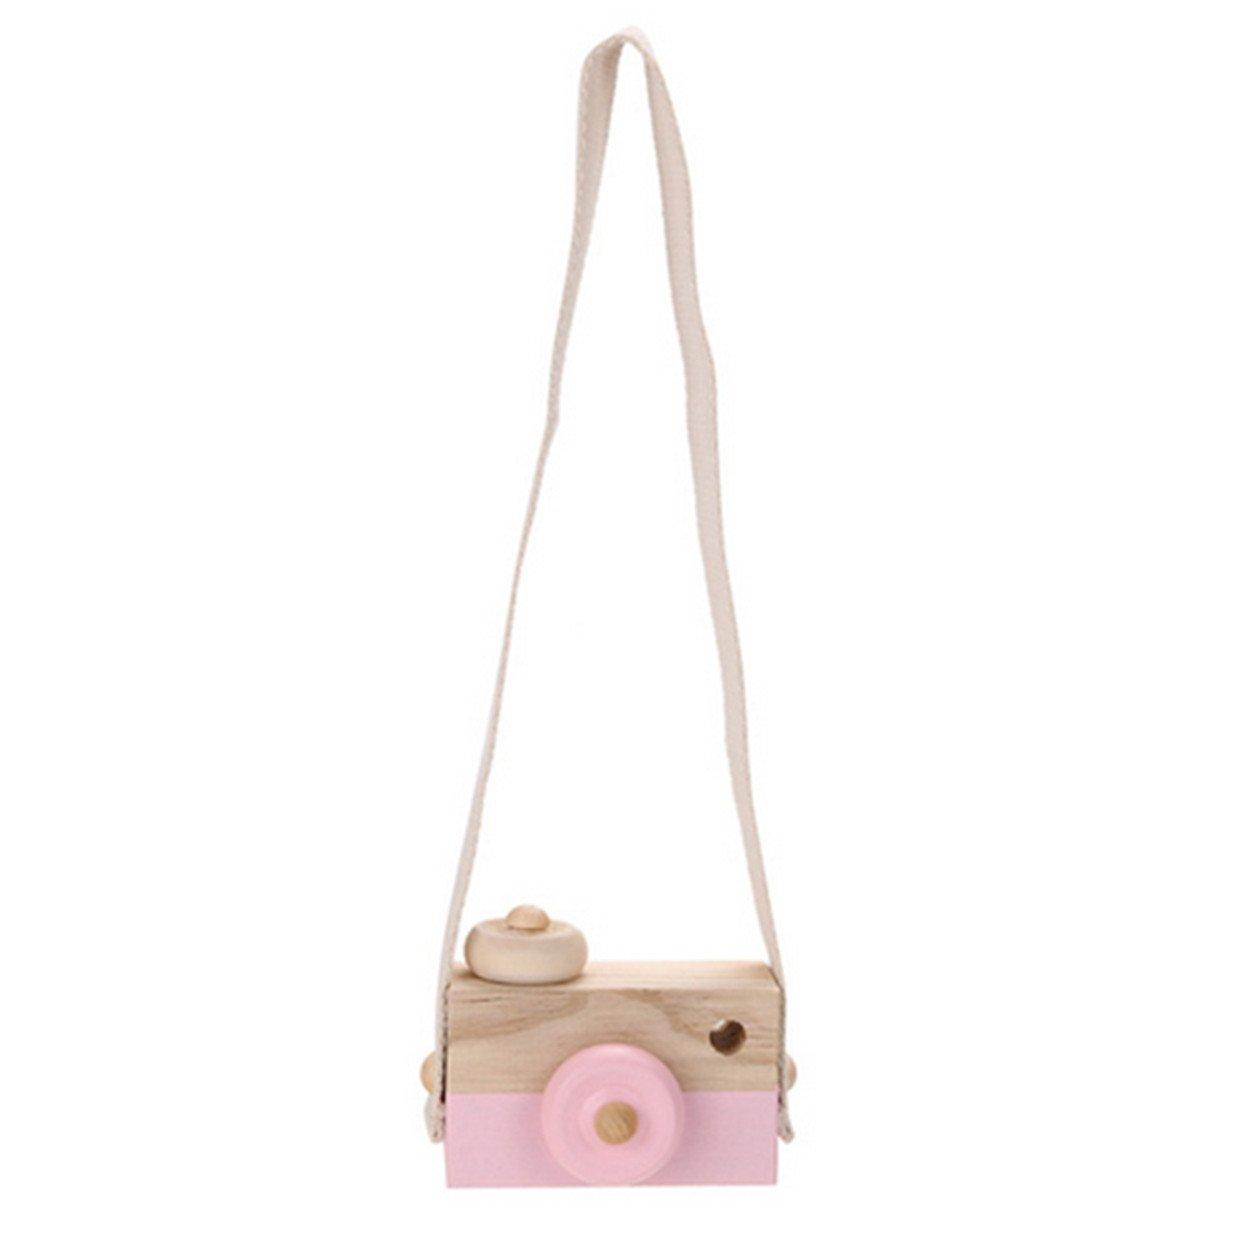 Lalang Niedliche Baby Kinder Holz Kamera Spielzeug Kindermode Bekleidung Accessory Zubehör, als Beste Geburtstagsgeschenk für Baby (Rosa) 88_Store